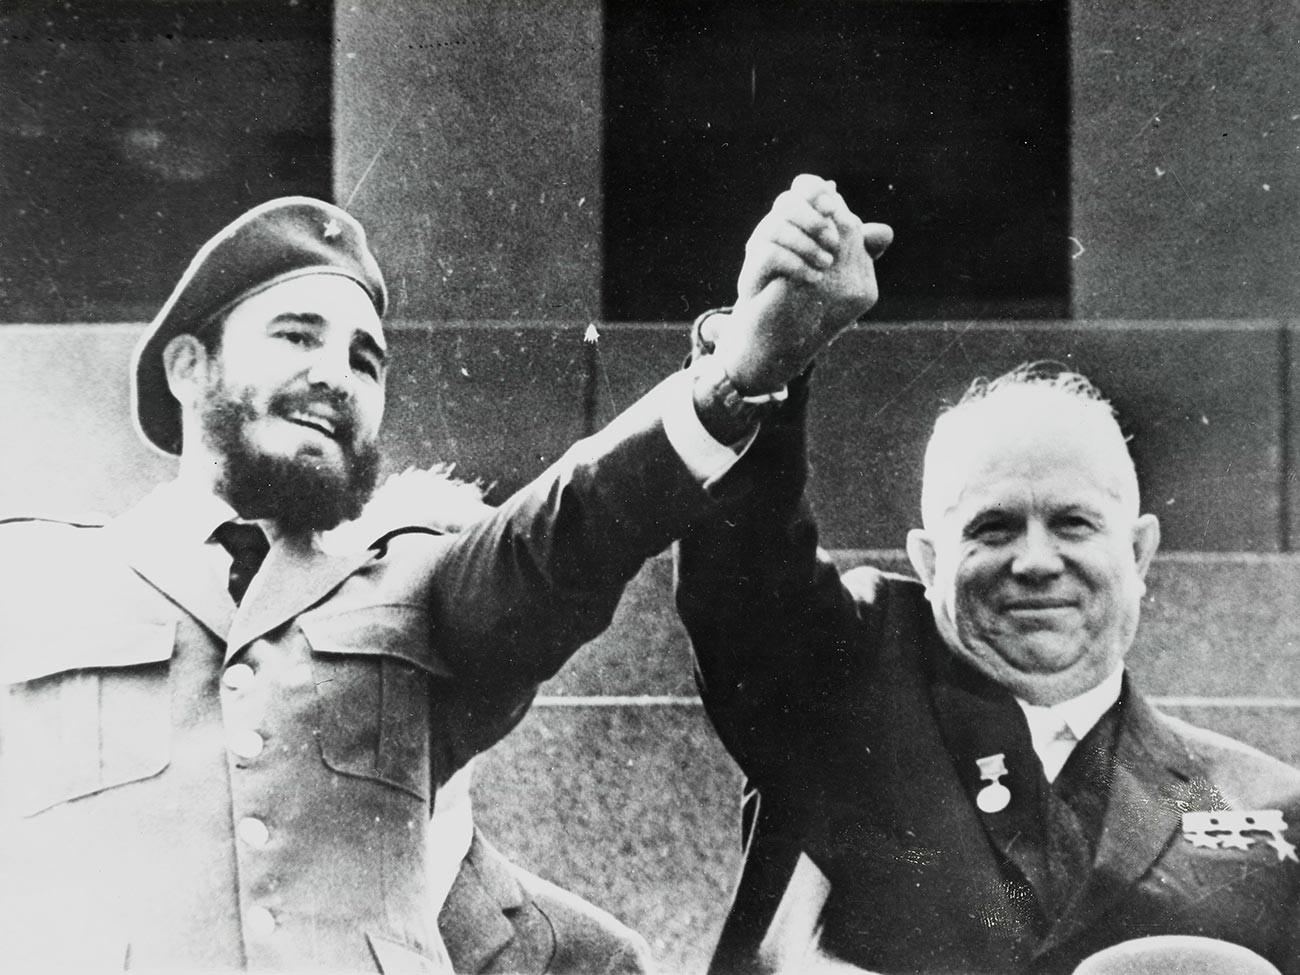 ニキータ・フルシチョフ(右)とフィデル・カストロ(左)は赤の広場のパレードにて